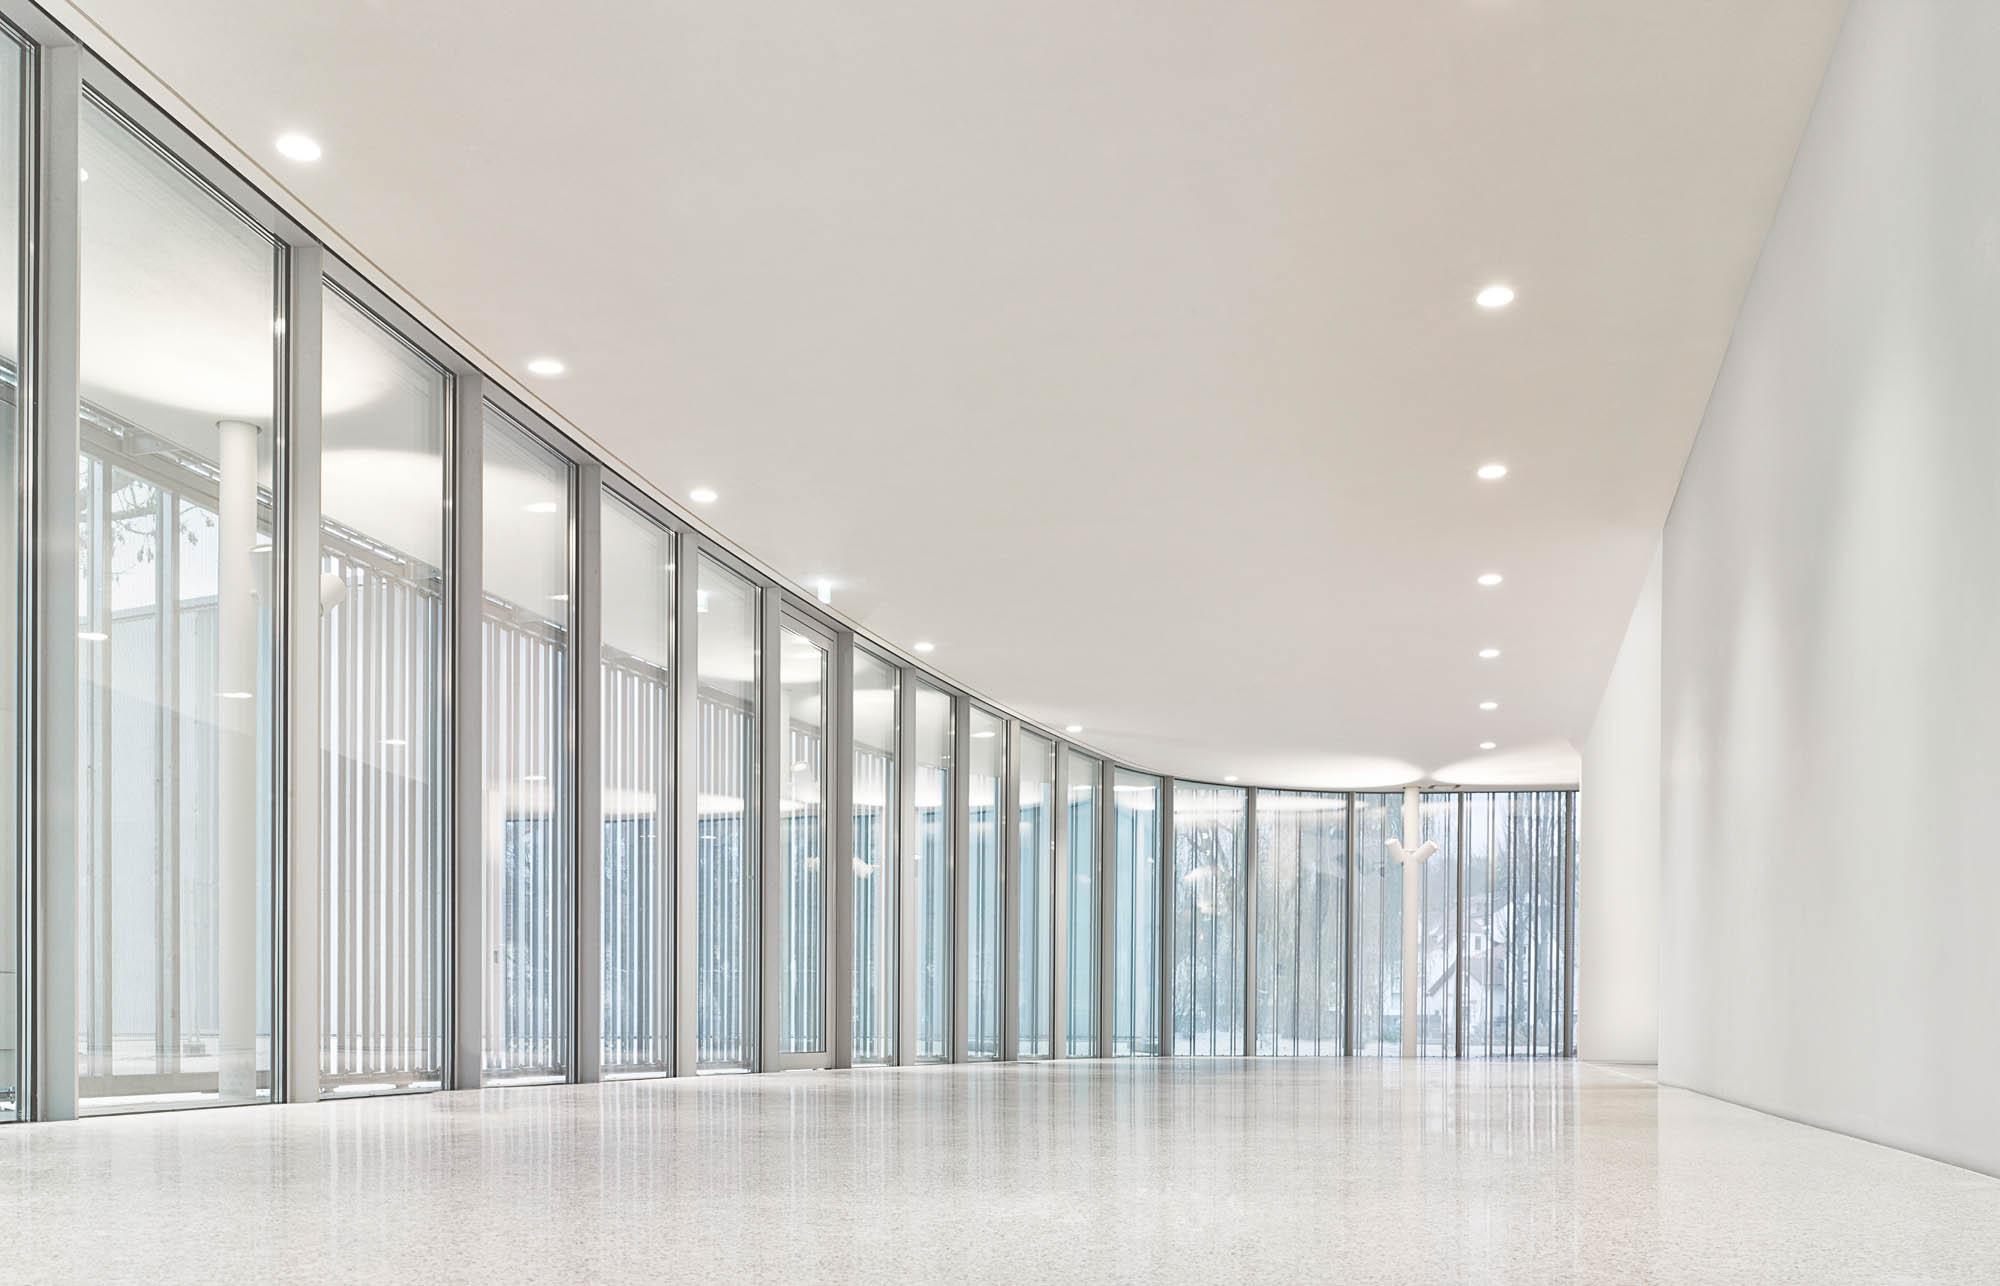 OPC 151213 0299 1 - Eva Mayr-Stihl Stiftung: Fotografie des neuen Verwaltungsgebäudes